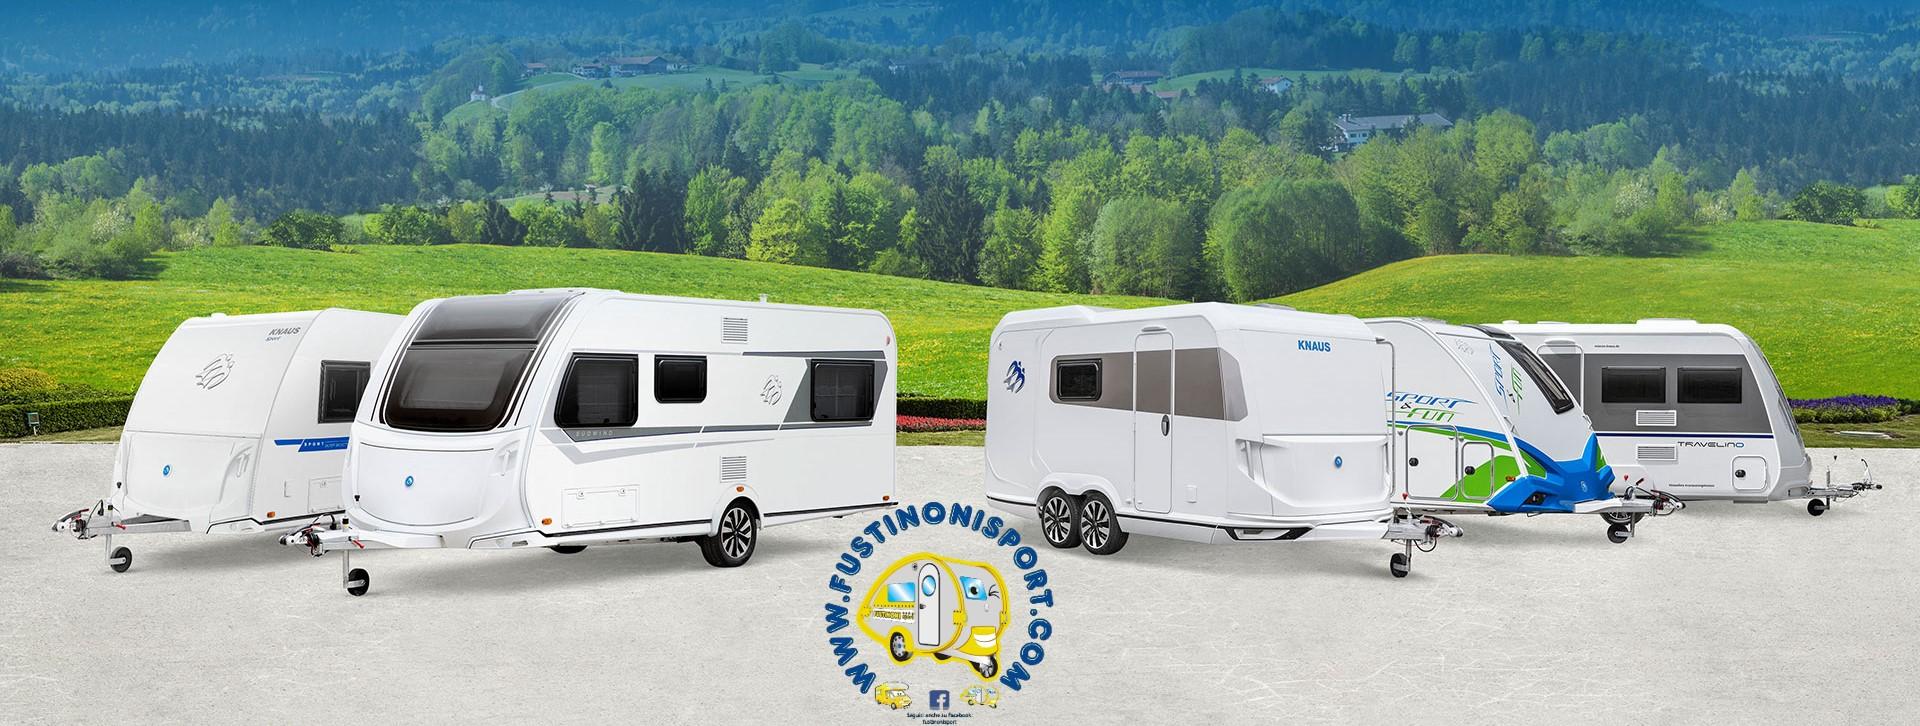 ktg-knaus-2018-2019-caravans-keyvisual